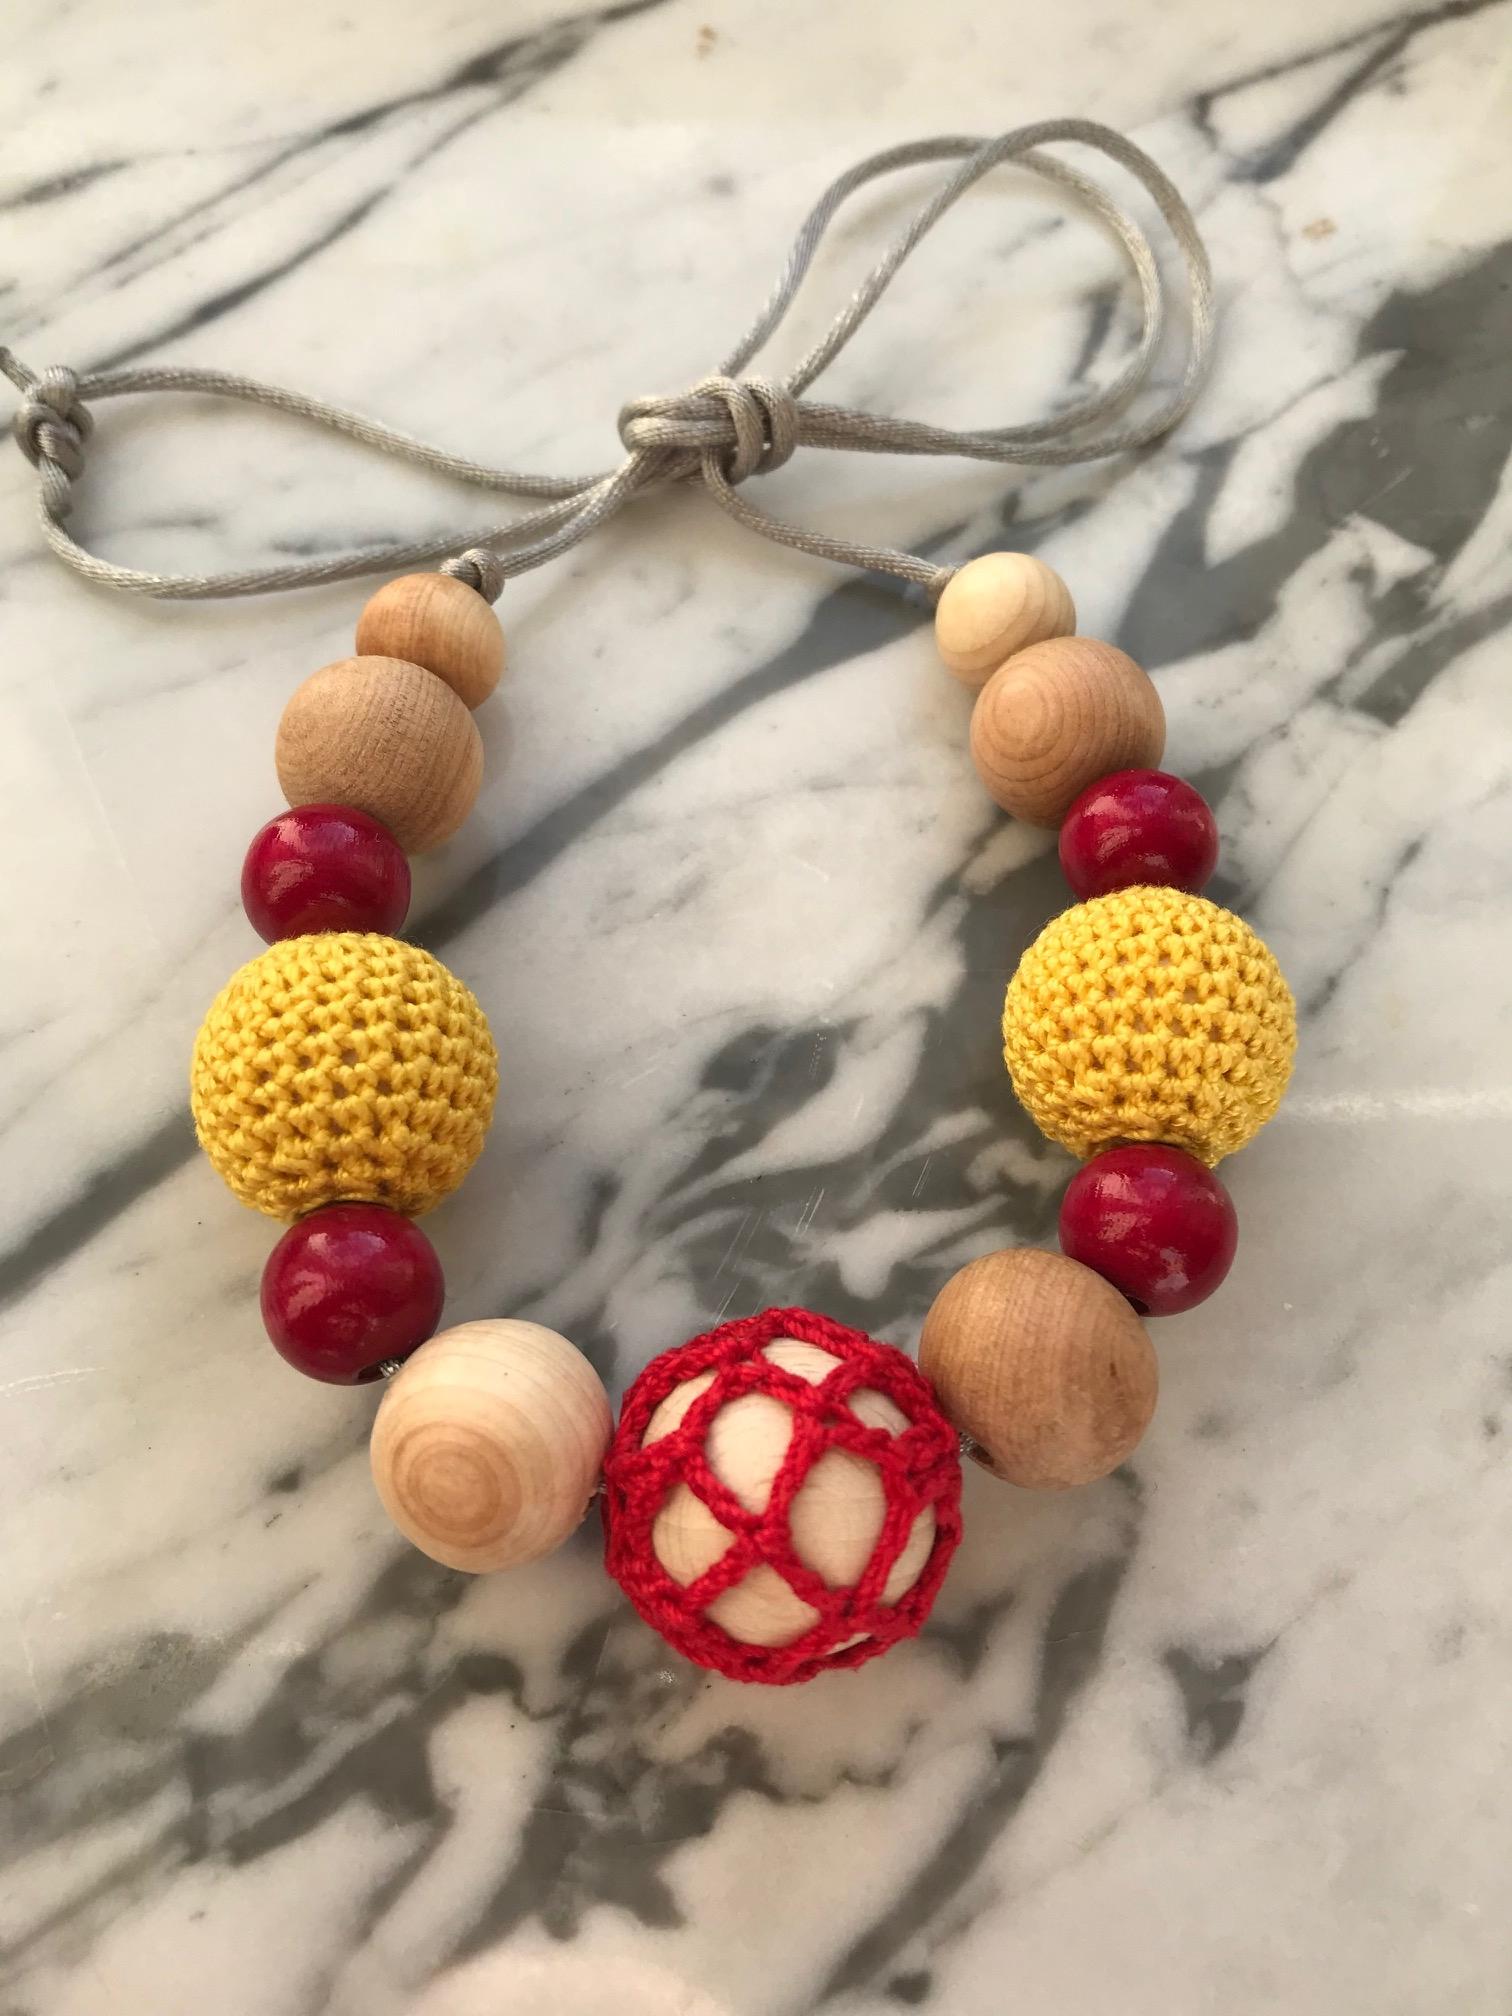 Nivia's Nursing necklace